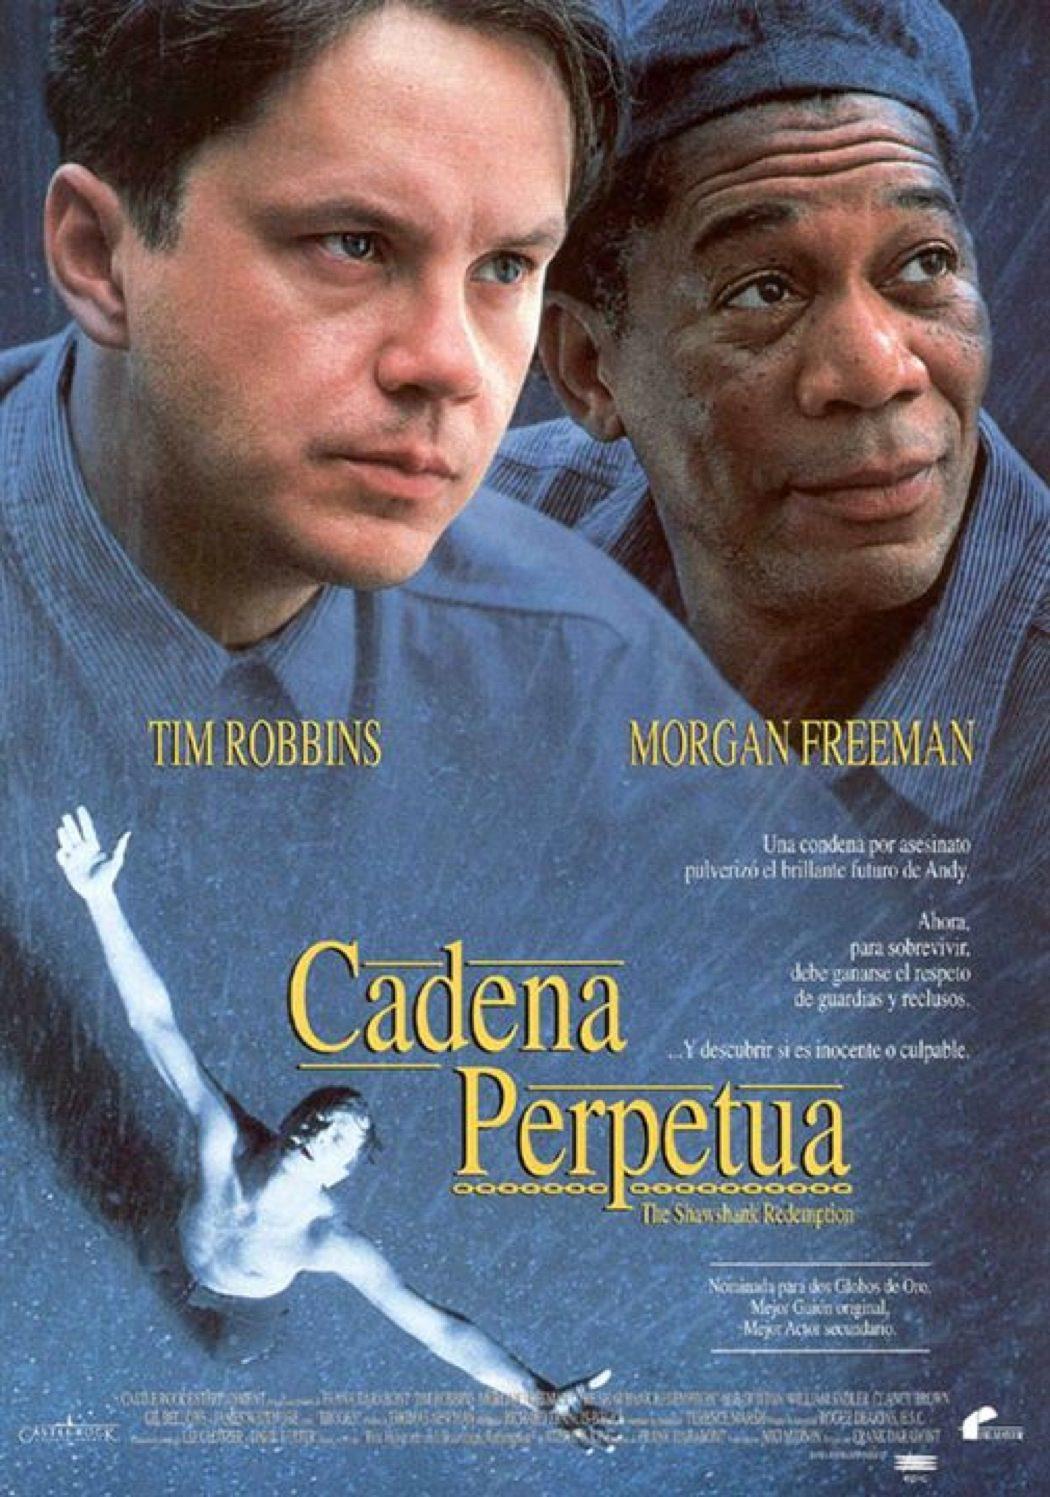 'Cadena perpetua'